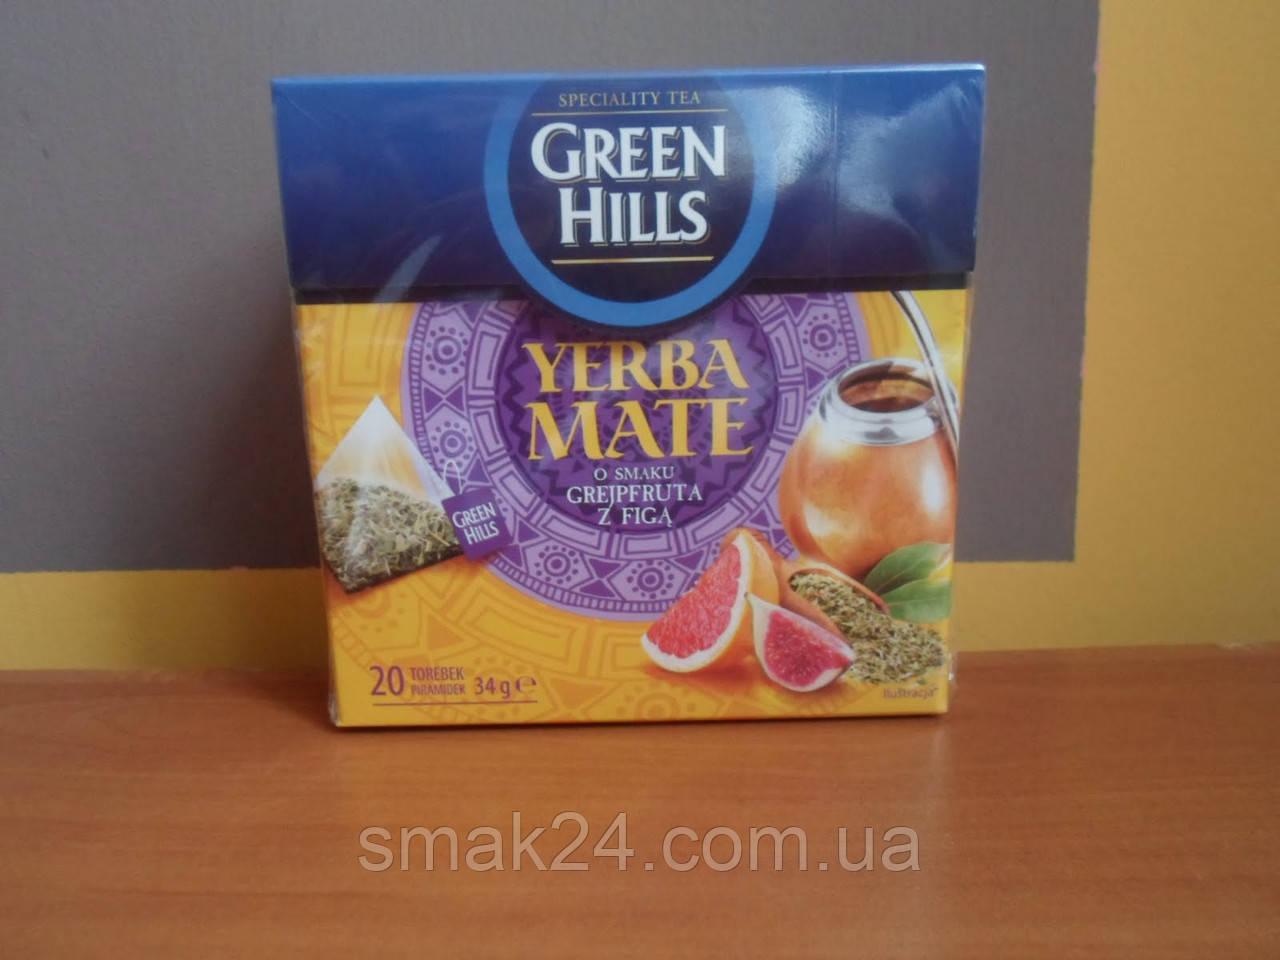 Чай  Green Hills со вкусом грейпфрута и фиги  20 пирамидок  Польша